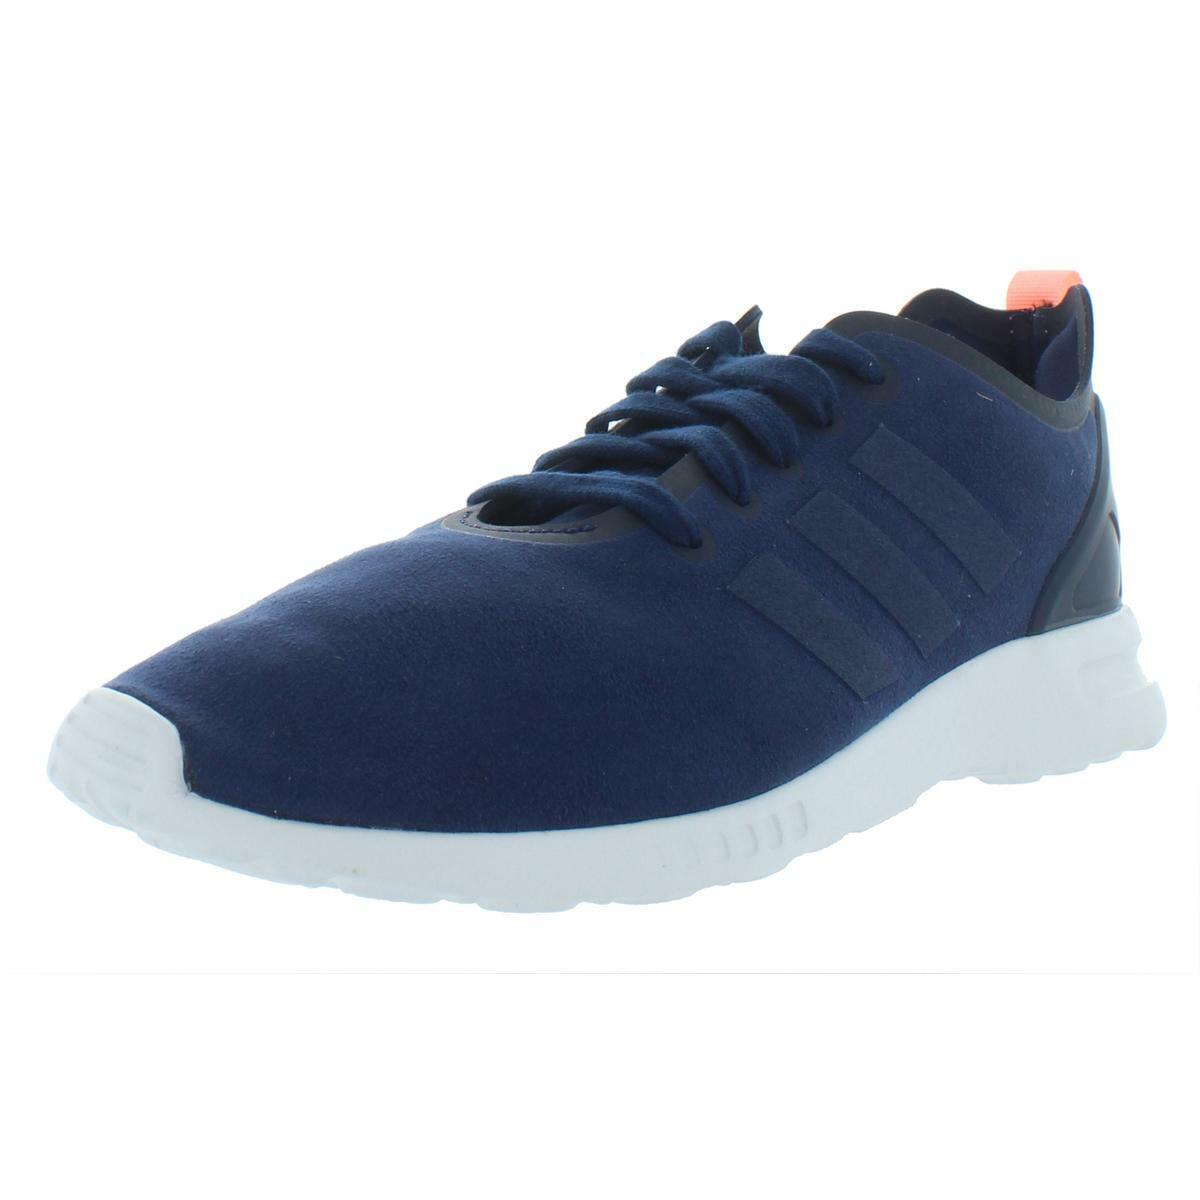 Adidas  Originals donna ZX Flux Smooth Low Top Running scarpe Athletic BHFO 7114  negozio fa acquisti e vendite